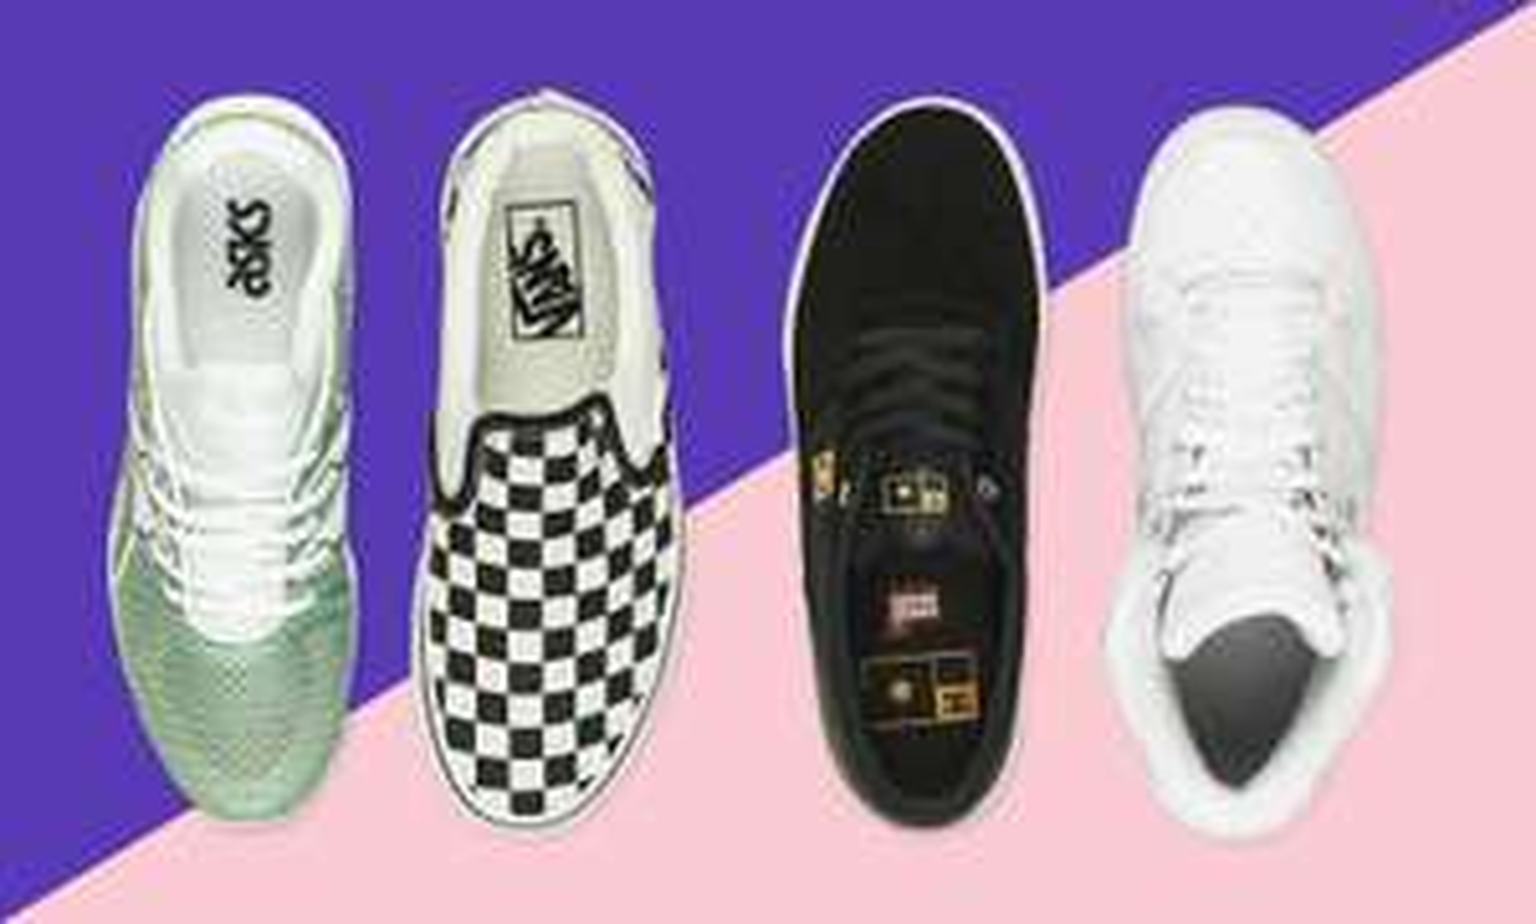 """20% Rabatt auf Damen & Herren """"Turnschuhe & Sneaker"""" vom 12. bis 18.6. bei Zahlung per PayPal bei [Ebay.de]"""